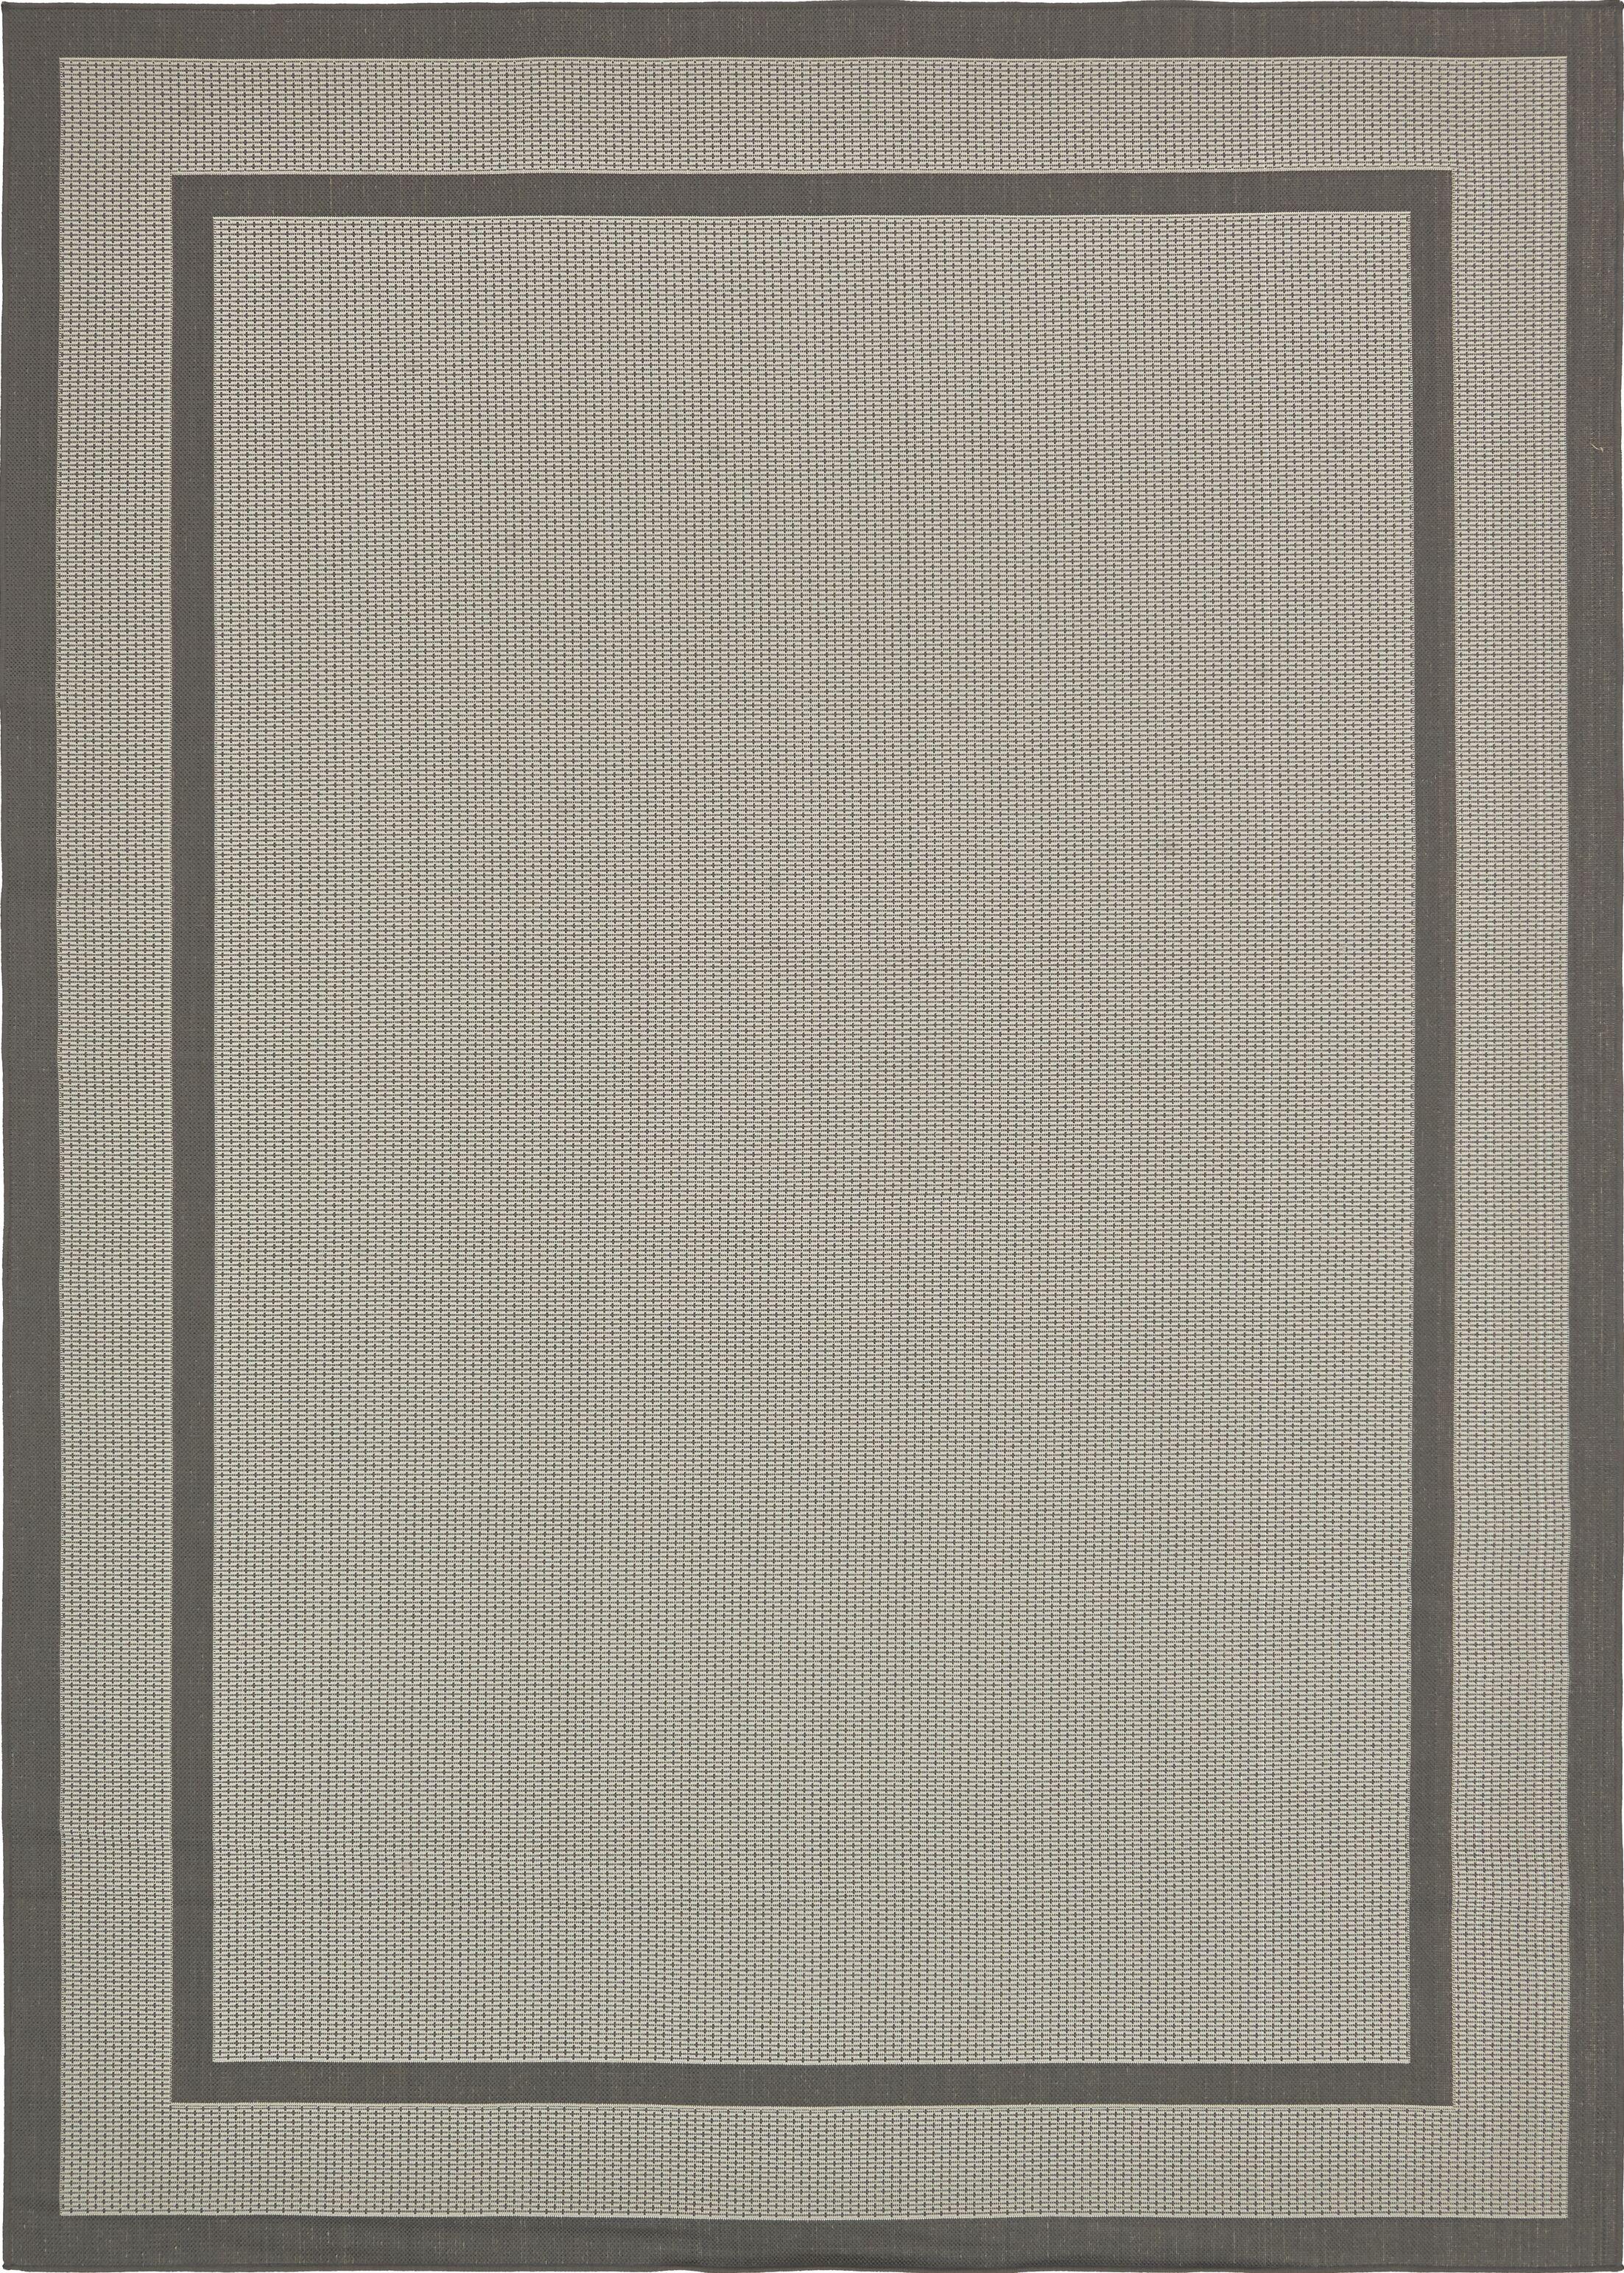 Marlborough Gray Outdoor Area Rug Rug Size: Rectangle 8' x 11'4